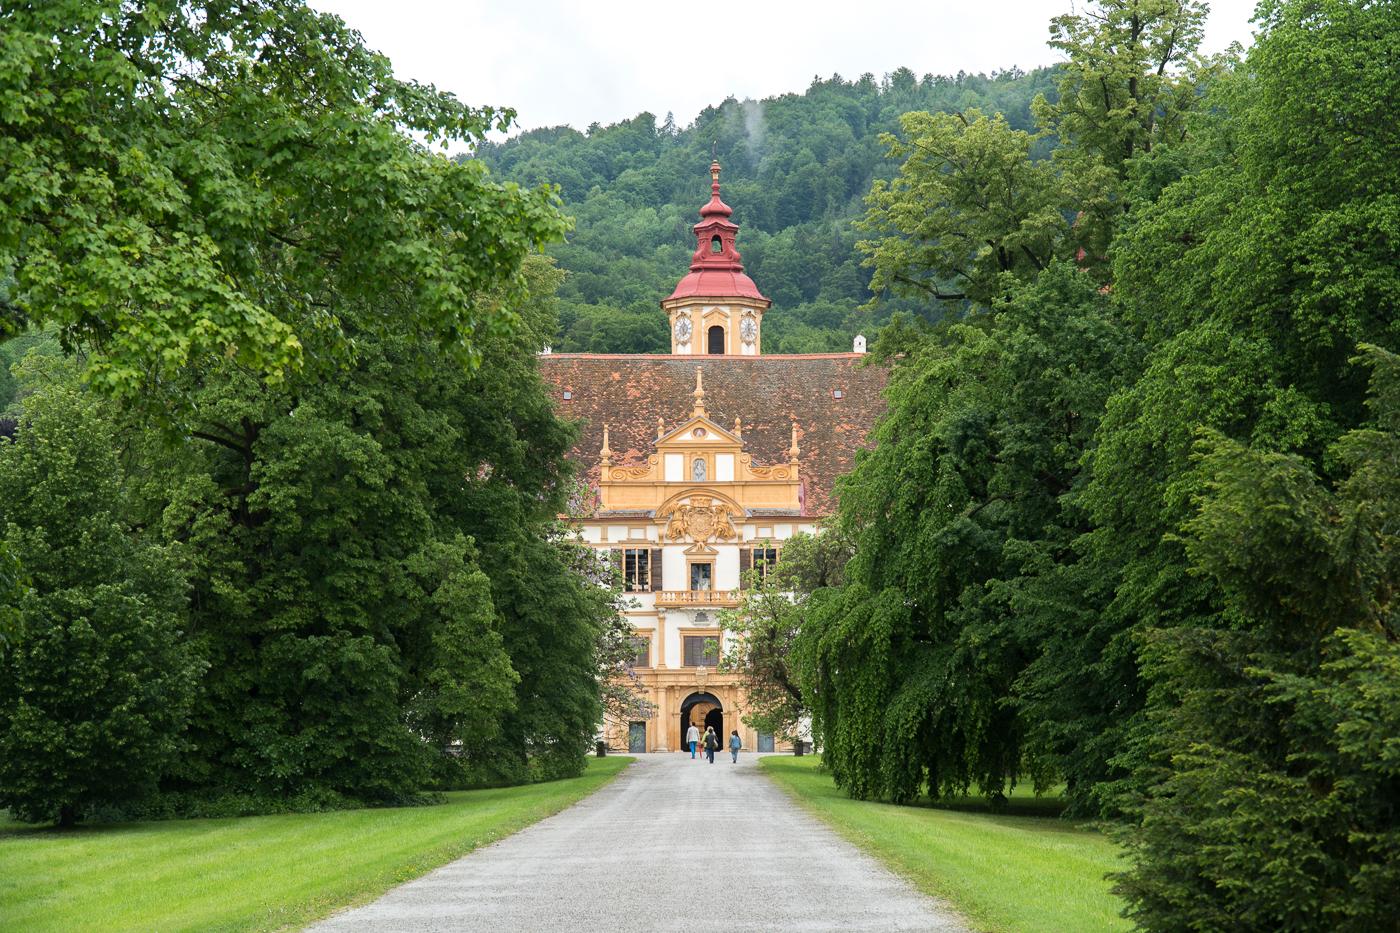 Allée menant au Château Eggenberg Schloss près de Graz